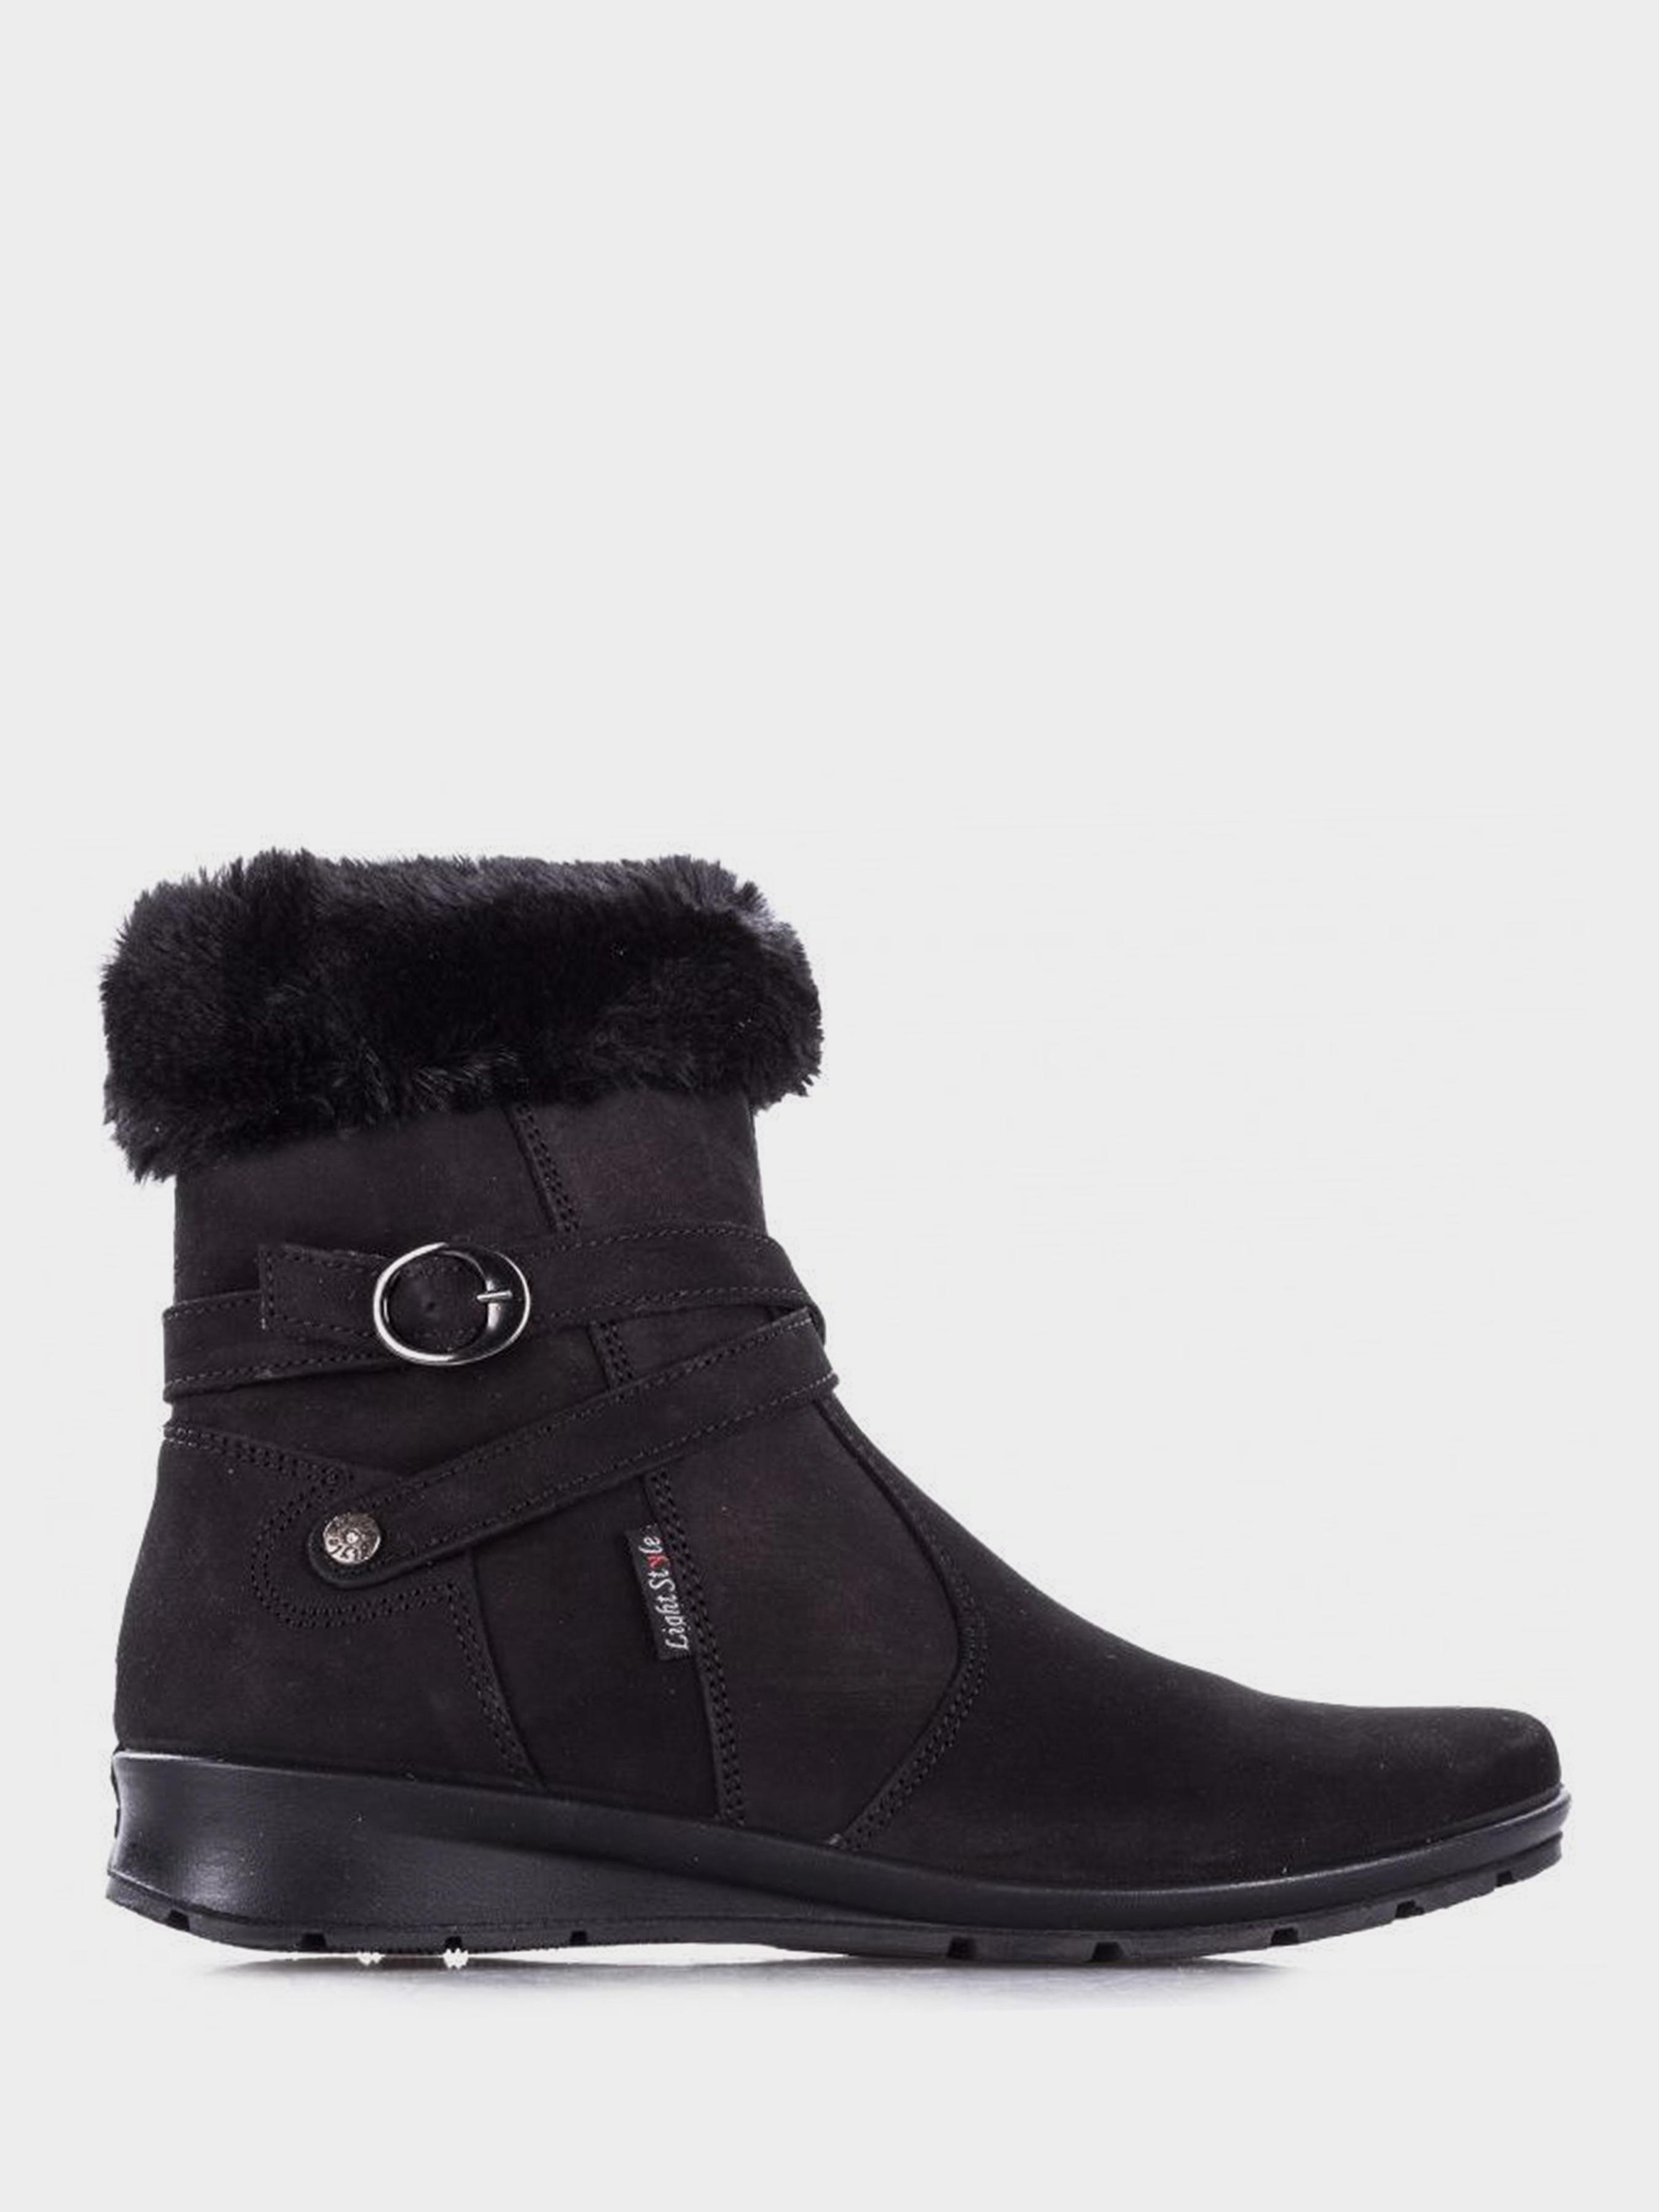 Купить Ботинки женские IMAC KRISTAL YQ96, Черный